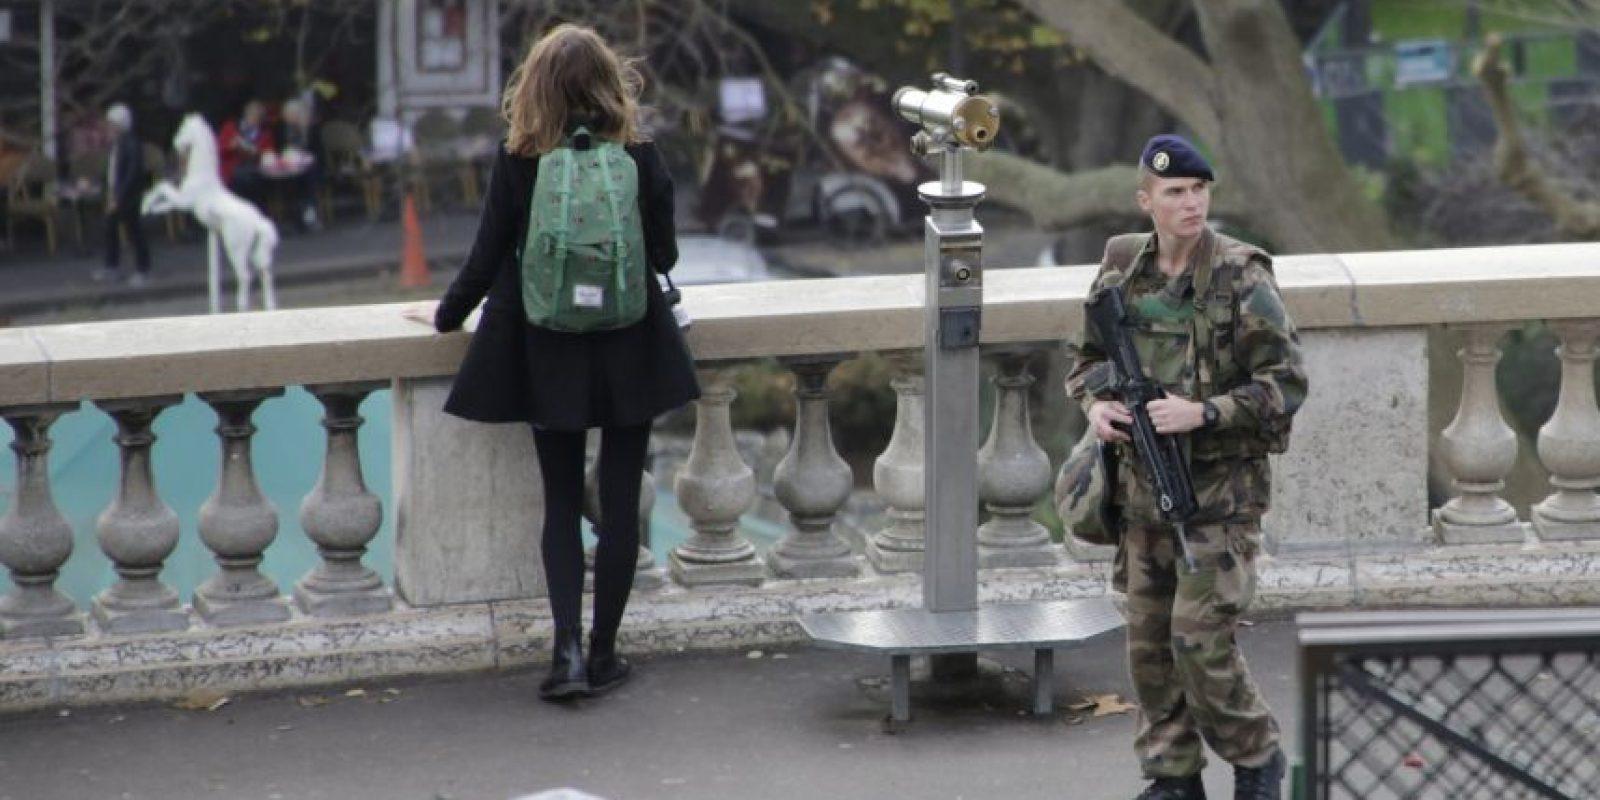 En la redada murieron dos presuntos terroristas y se arrestaron 7 personas. Foto:AP